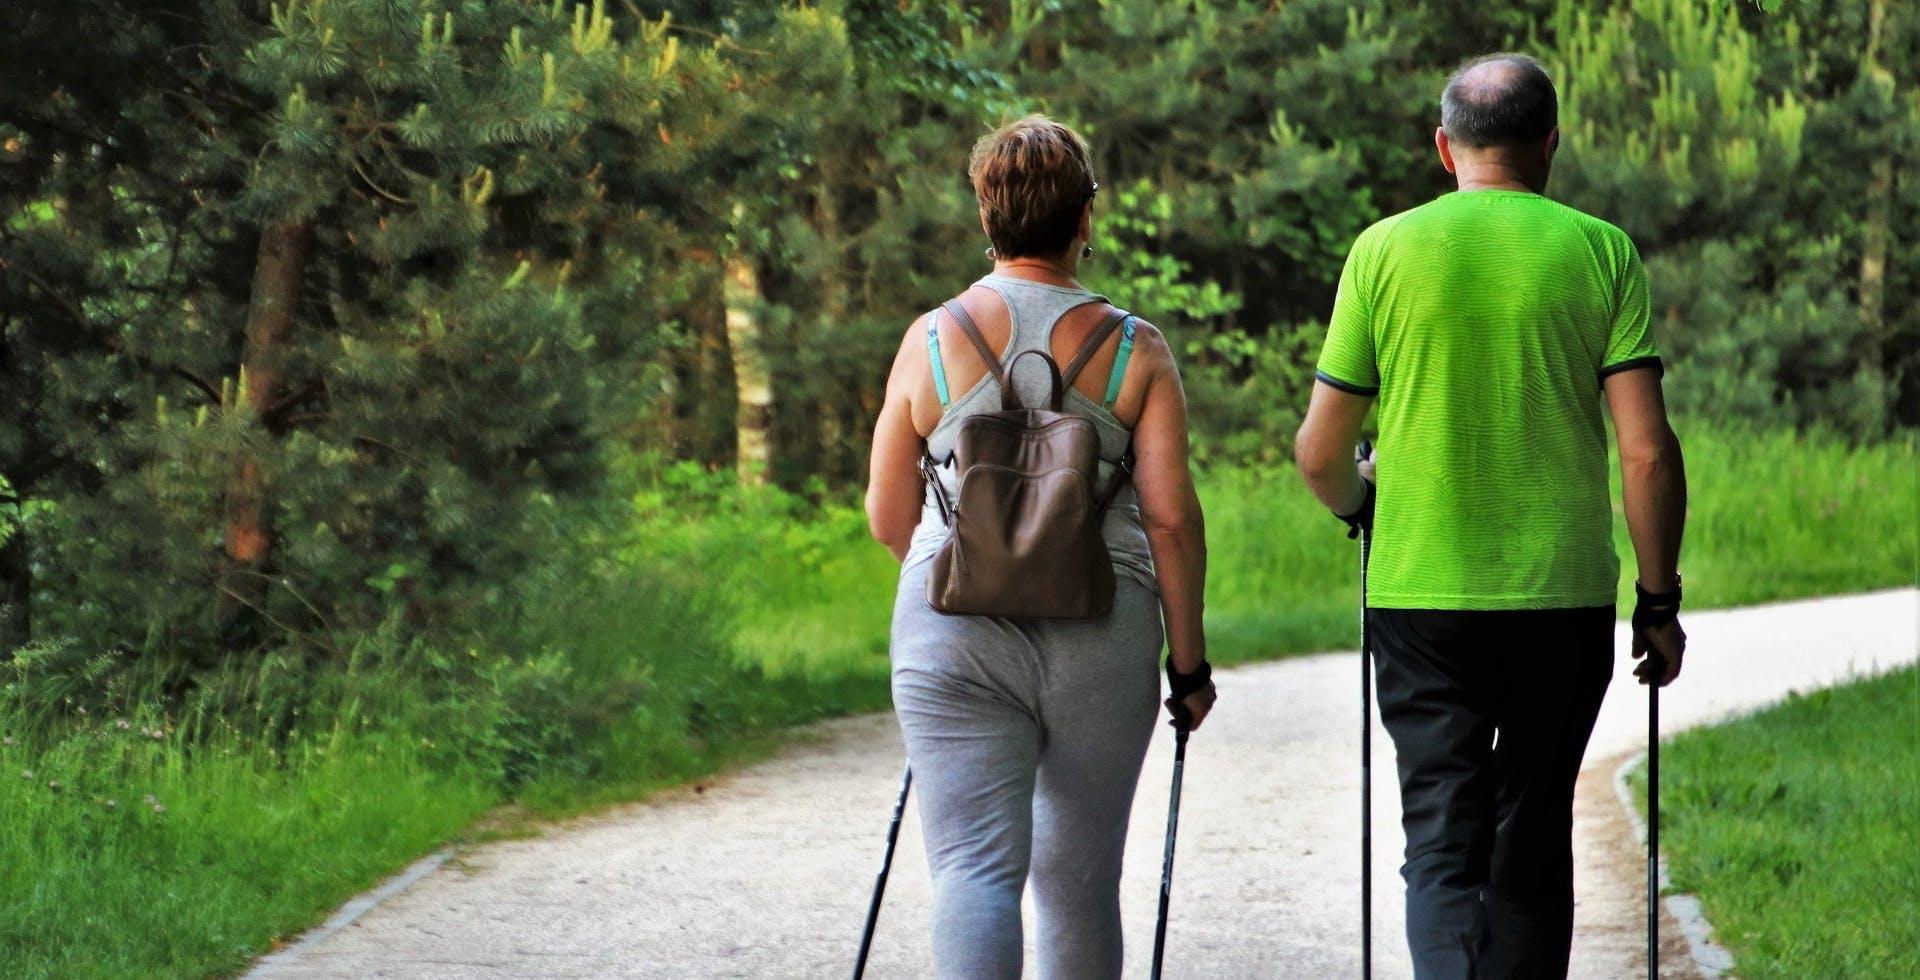 faire de la randonnée pour muscler son cerveau ?